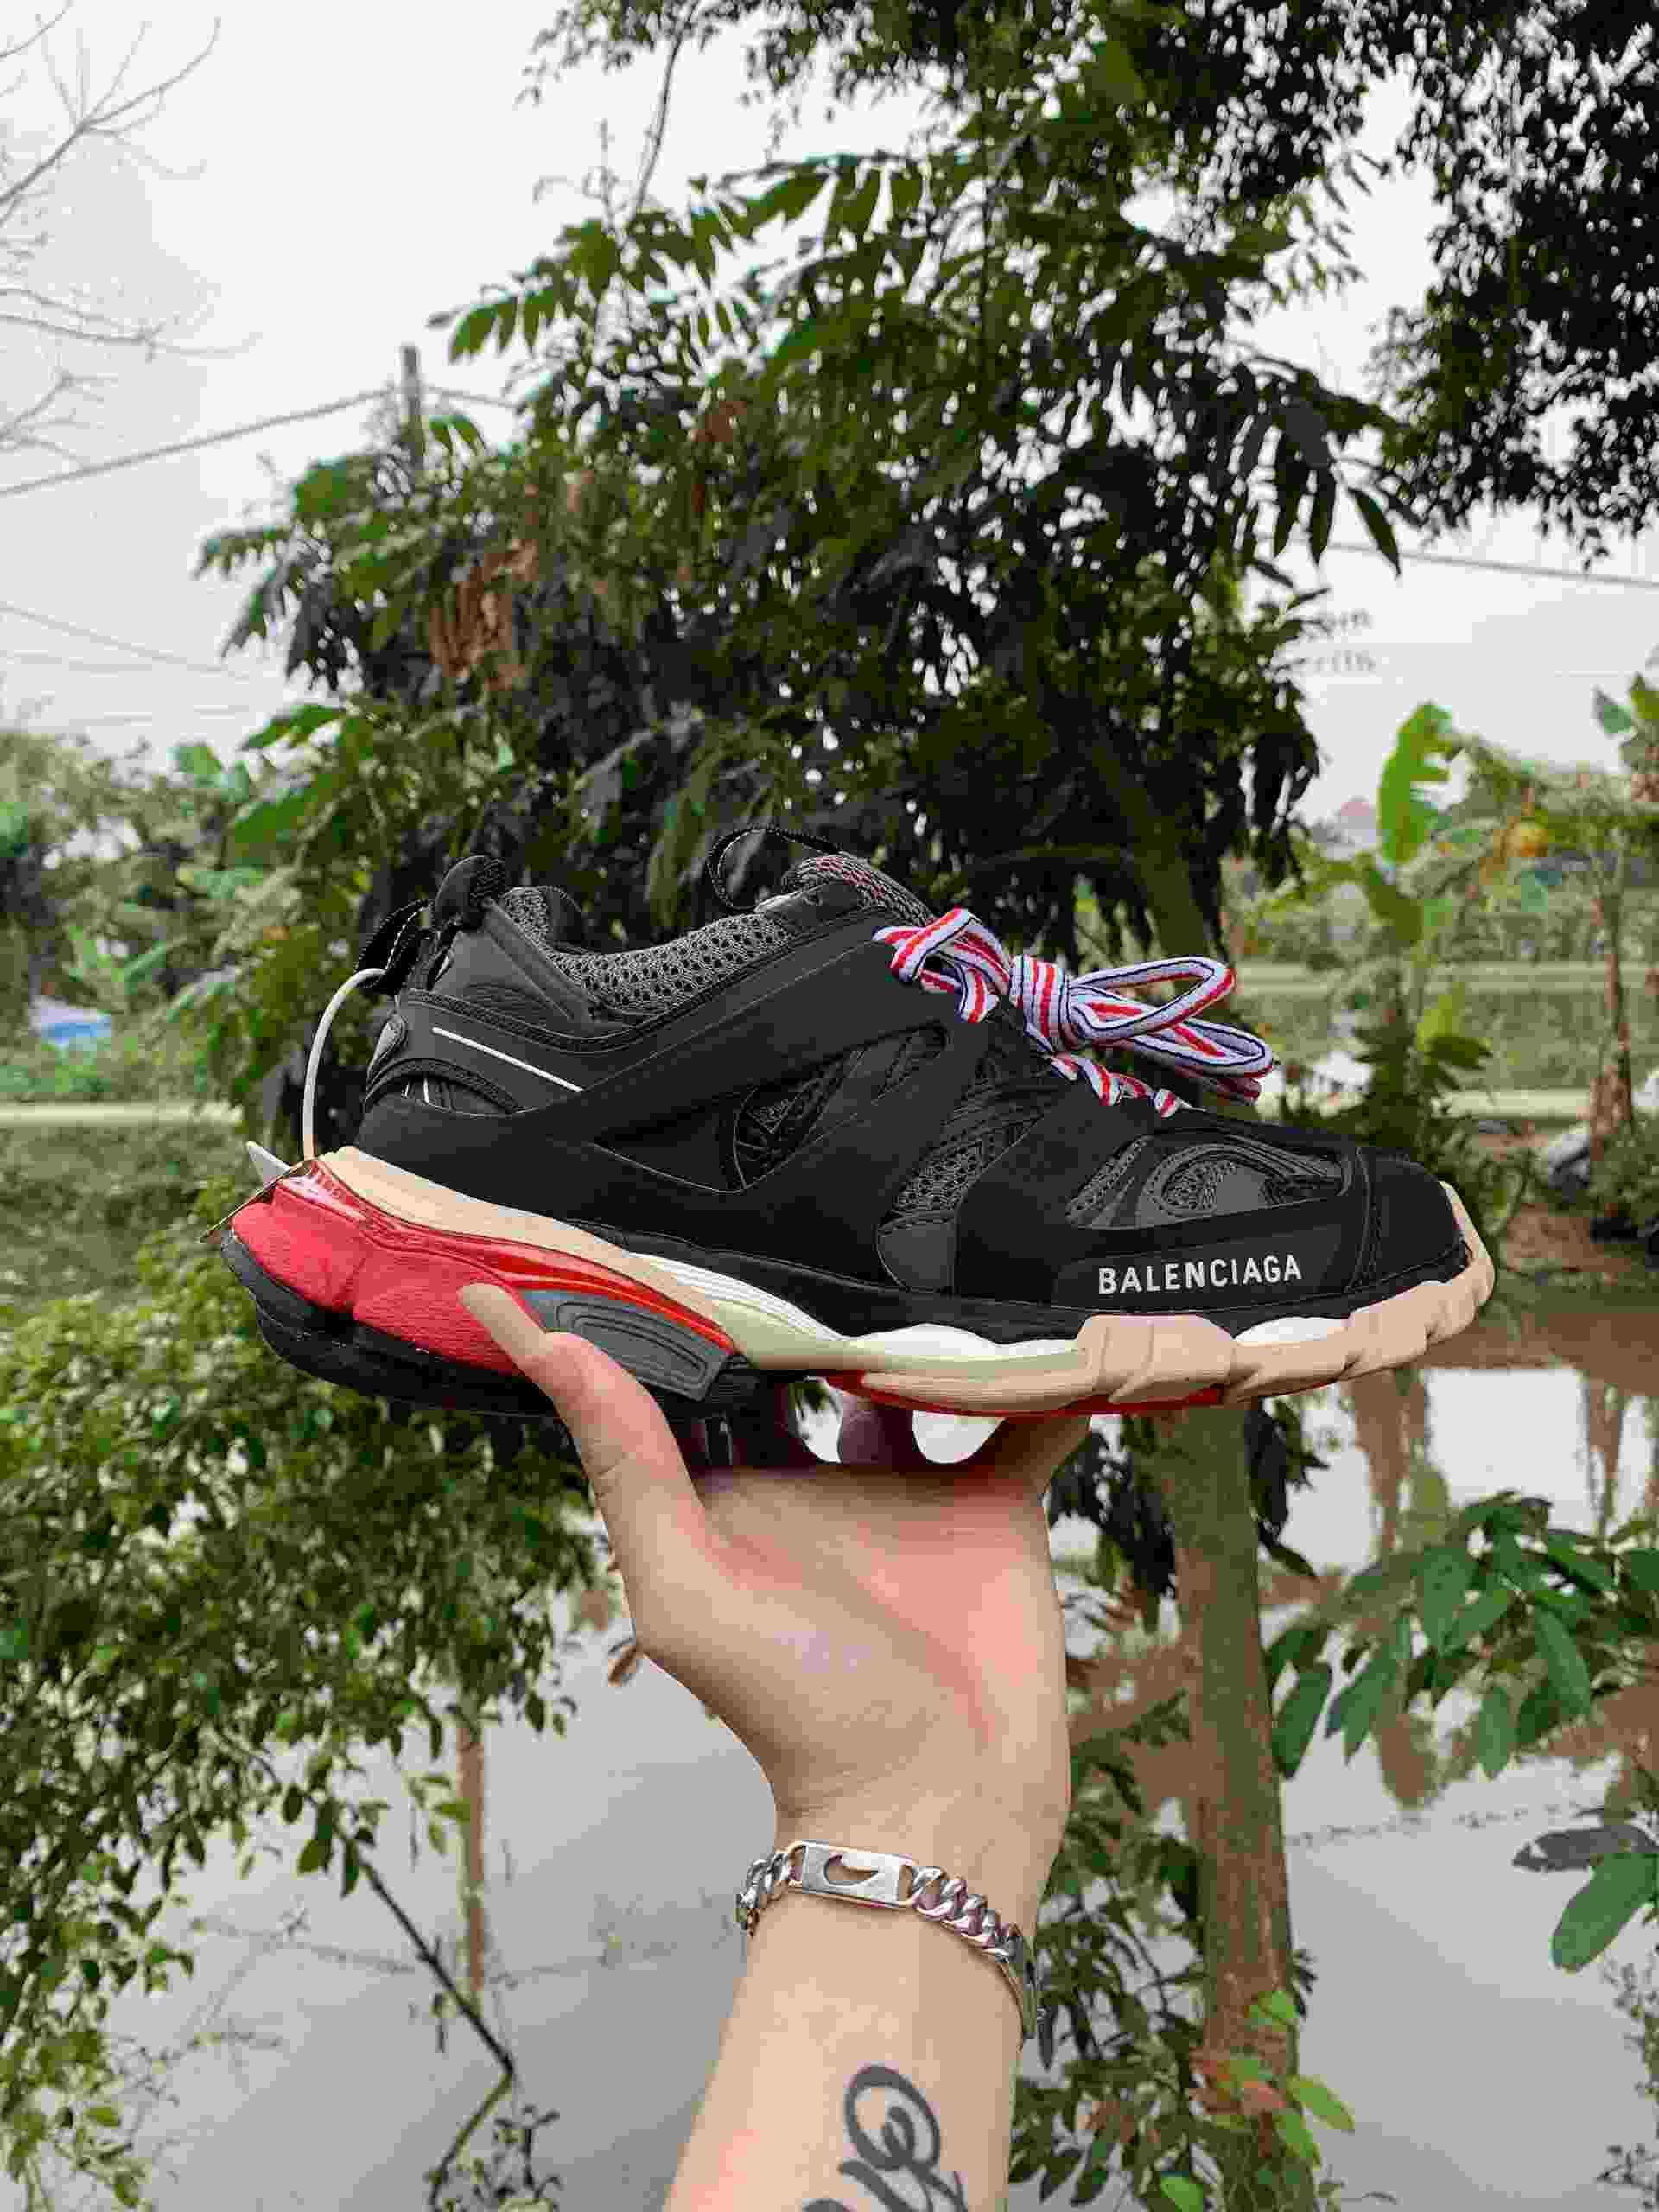 Giày Balenciaga Track Đỏ Đen là dòng Sneaker đến từ thương hiệu Balenciaga